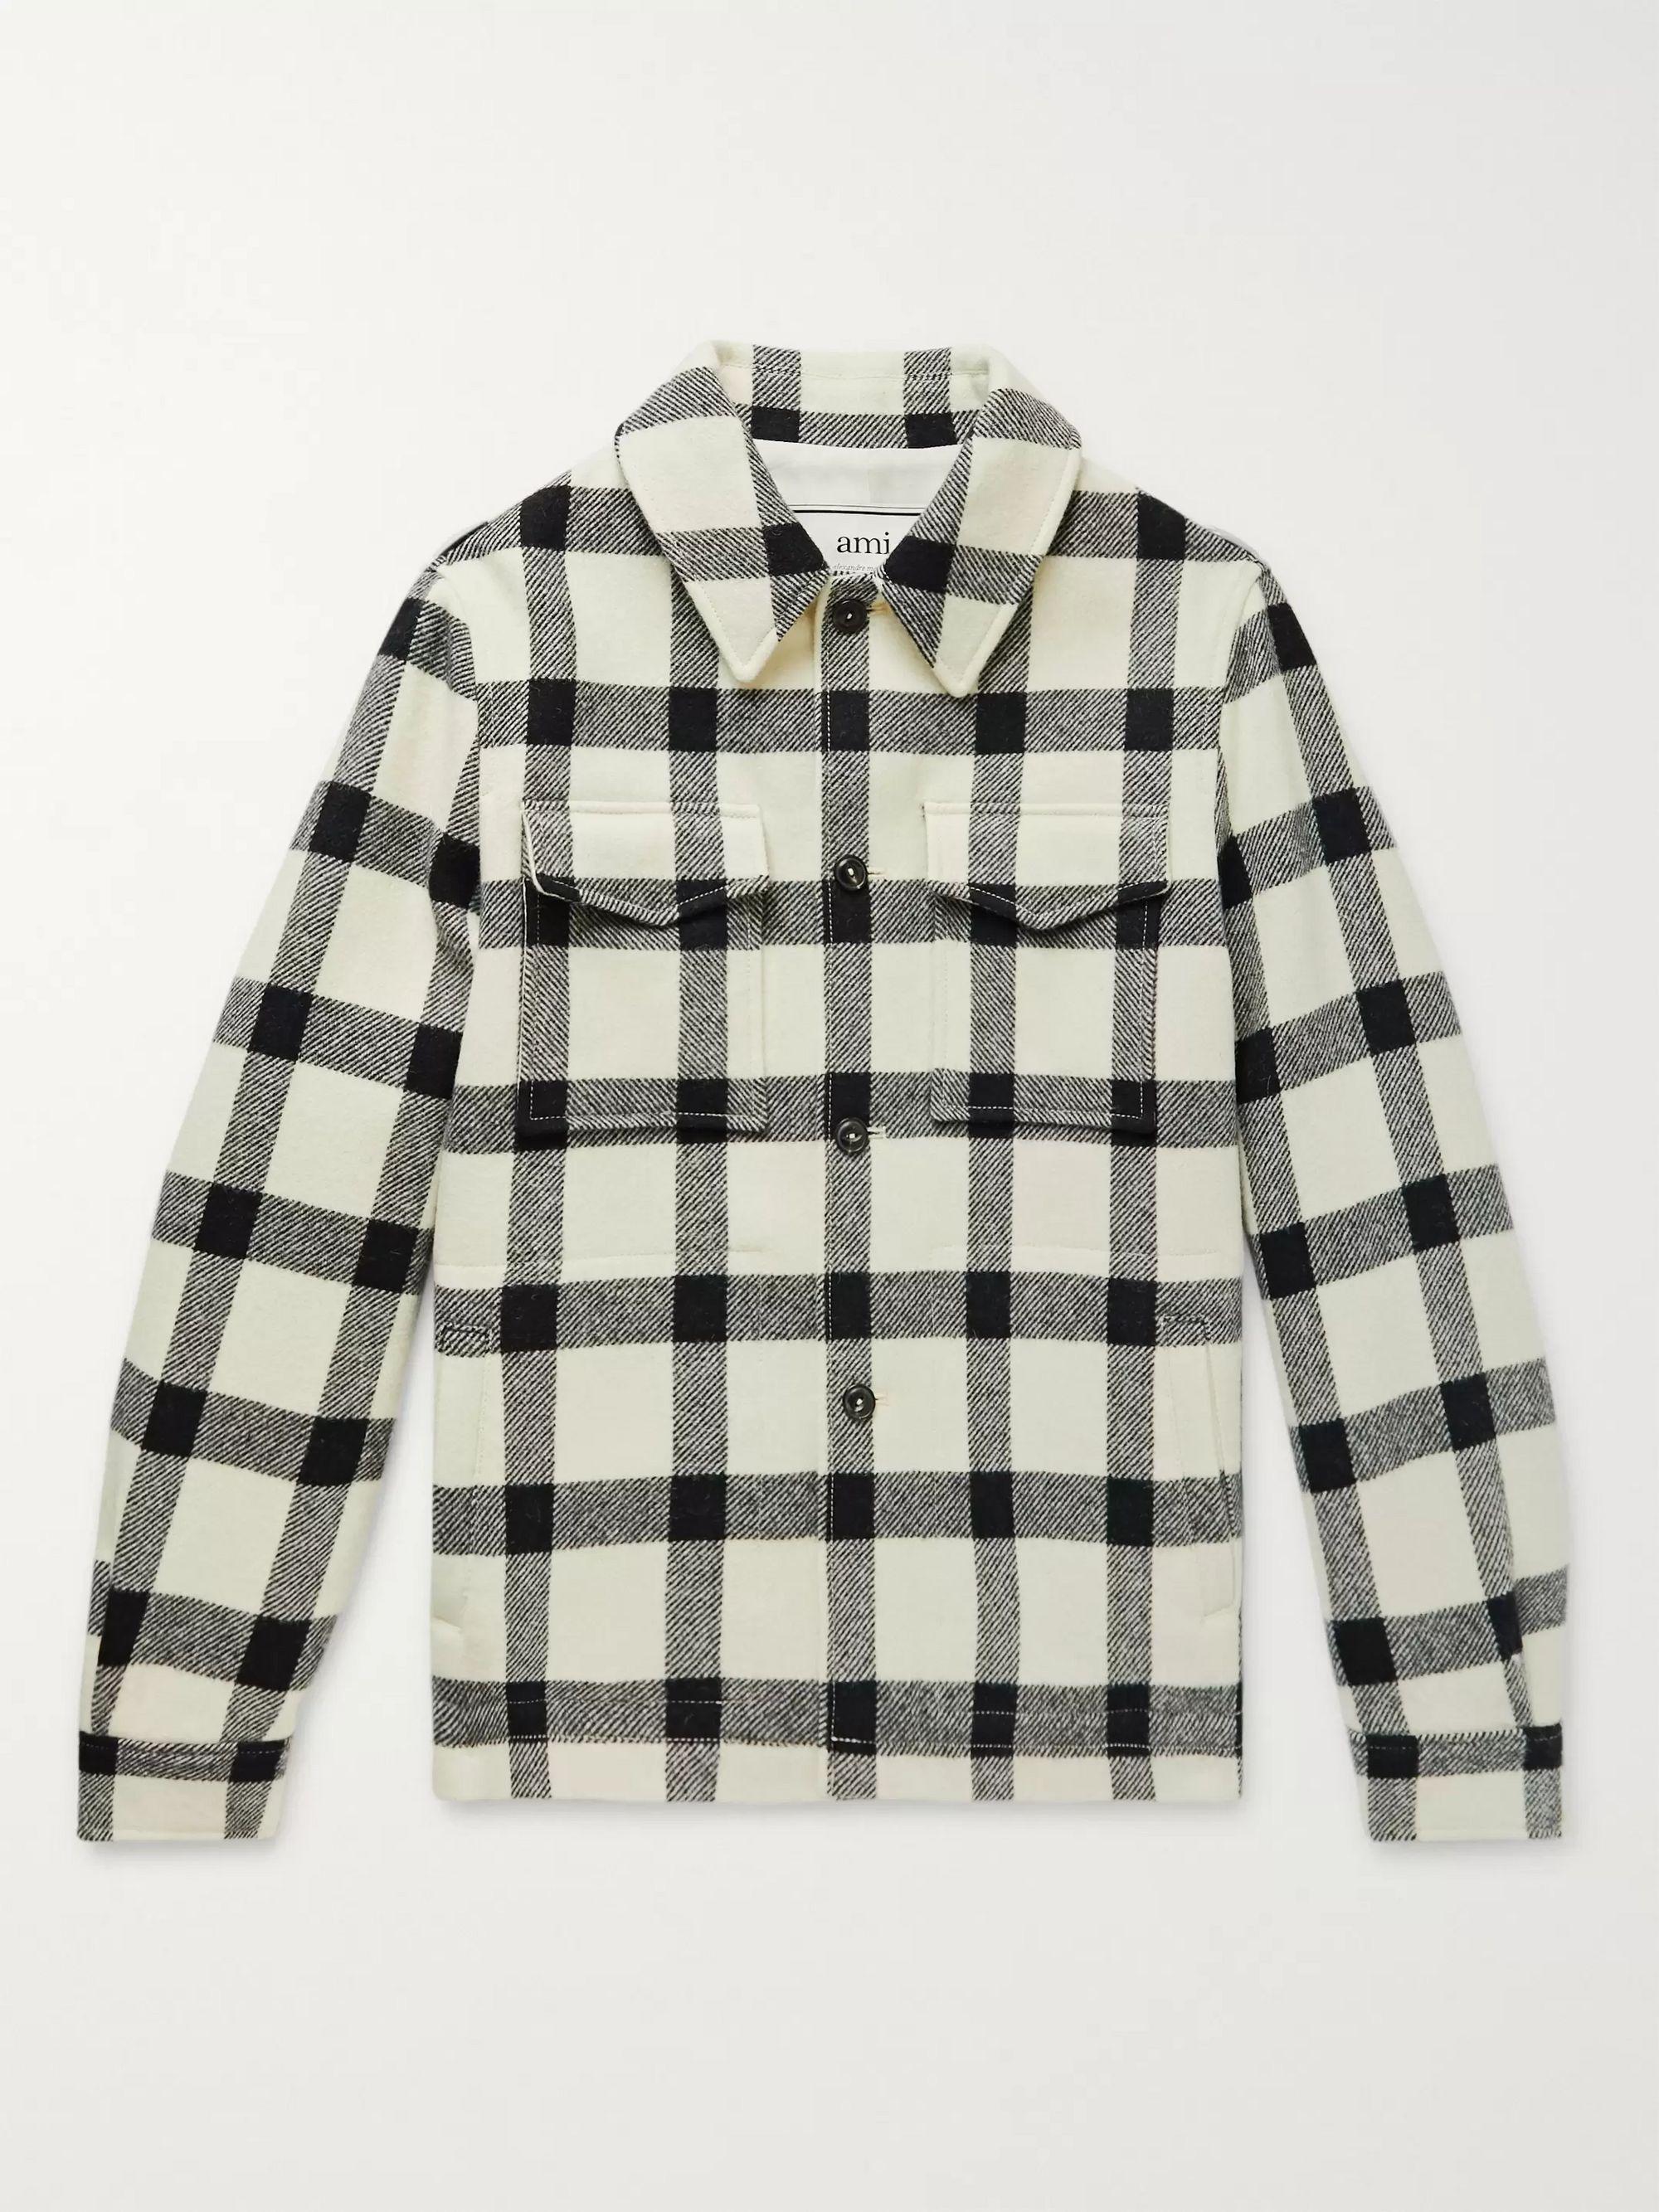 AMI Cream Windowpane-Checked Virgin Wool Overshirt,Cream